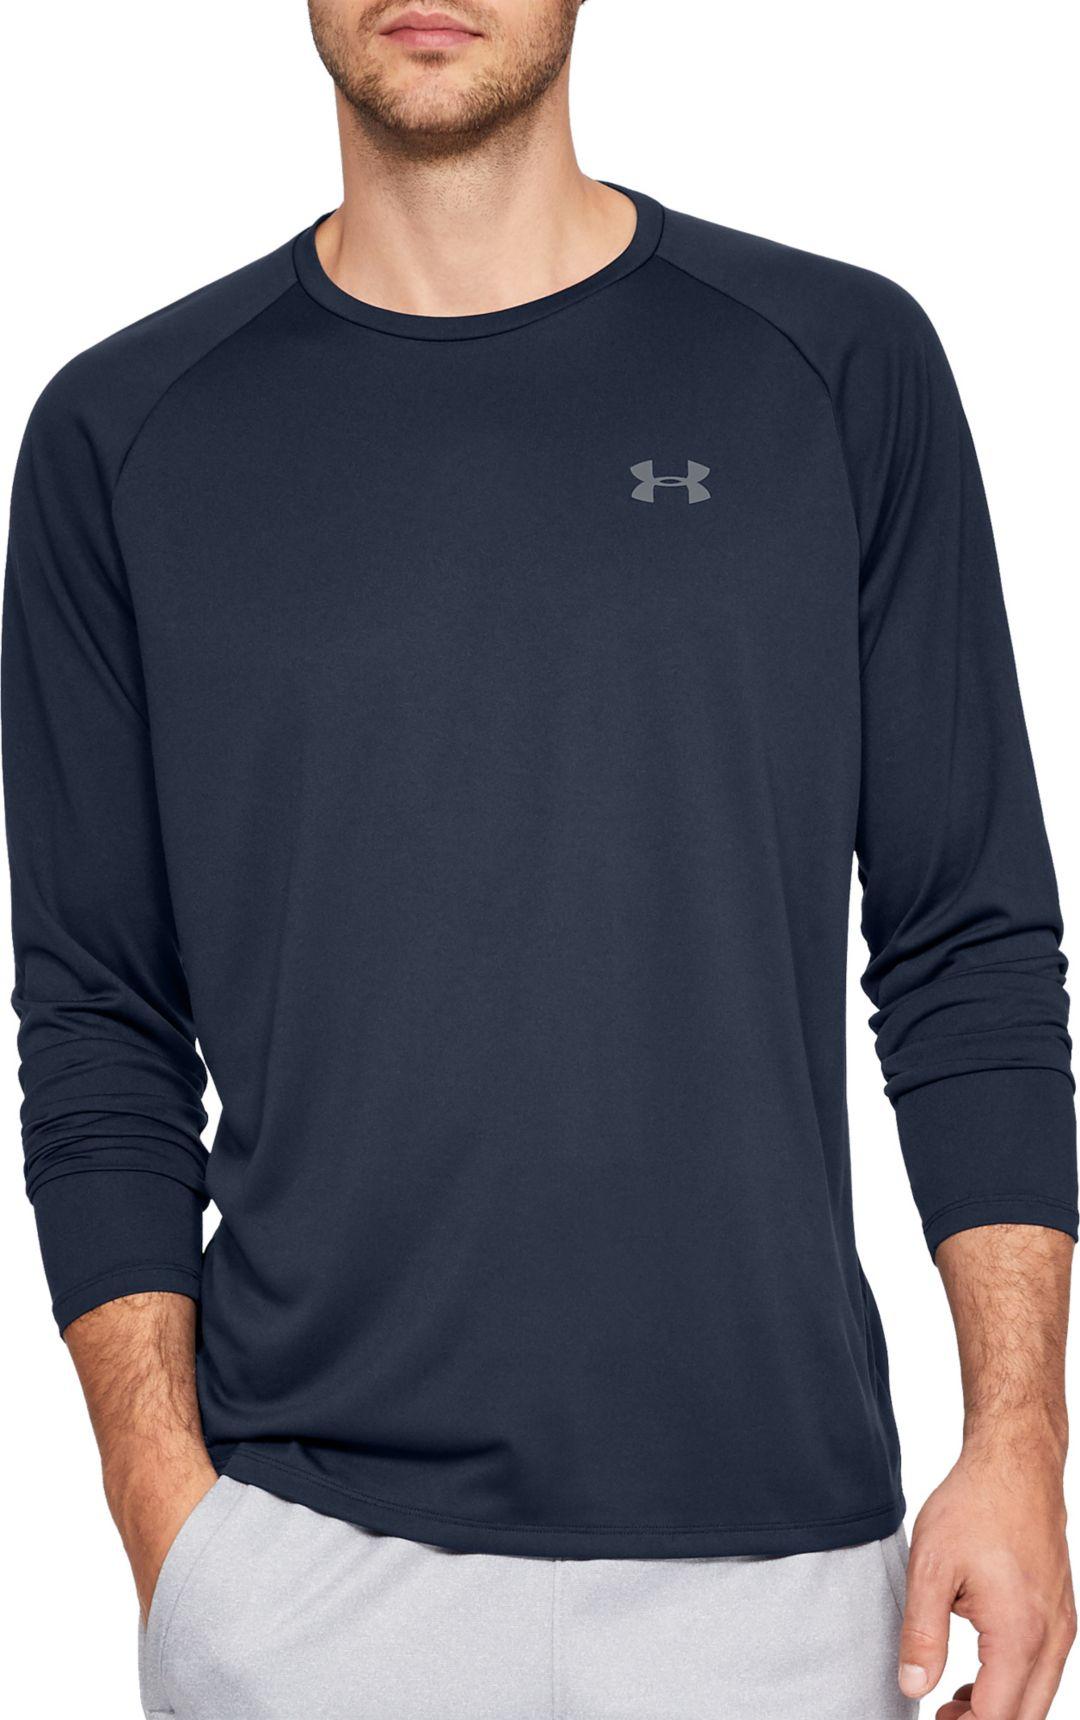 bc330b275b5629 Under Armour Men's Tech Long Sleeve Shirt. noImageFound. Previous